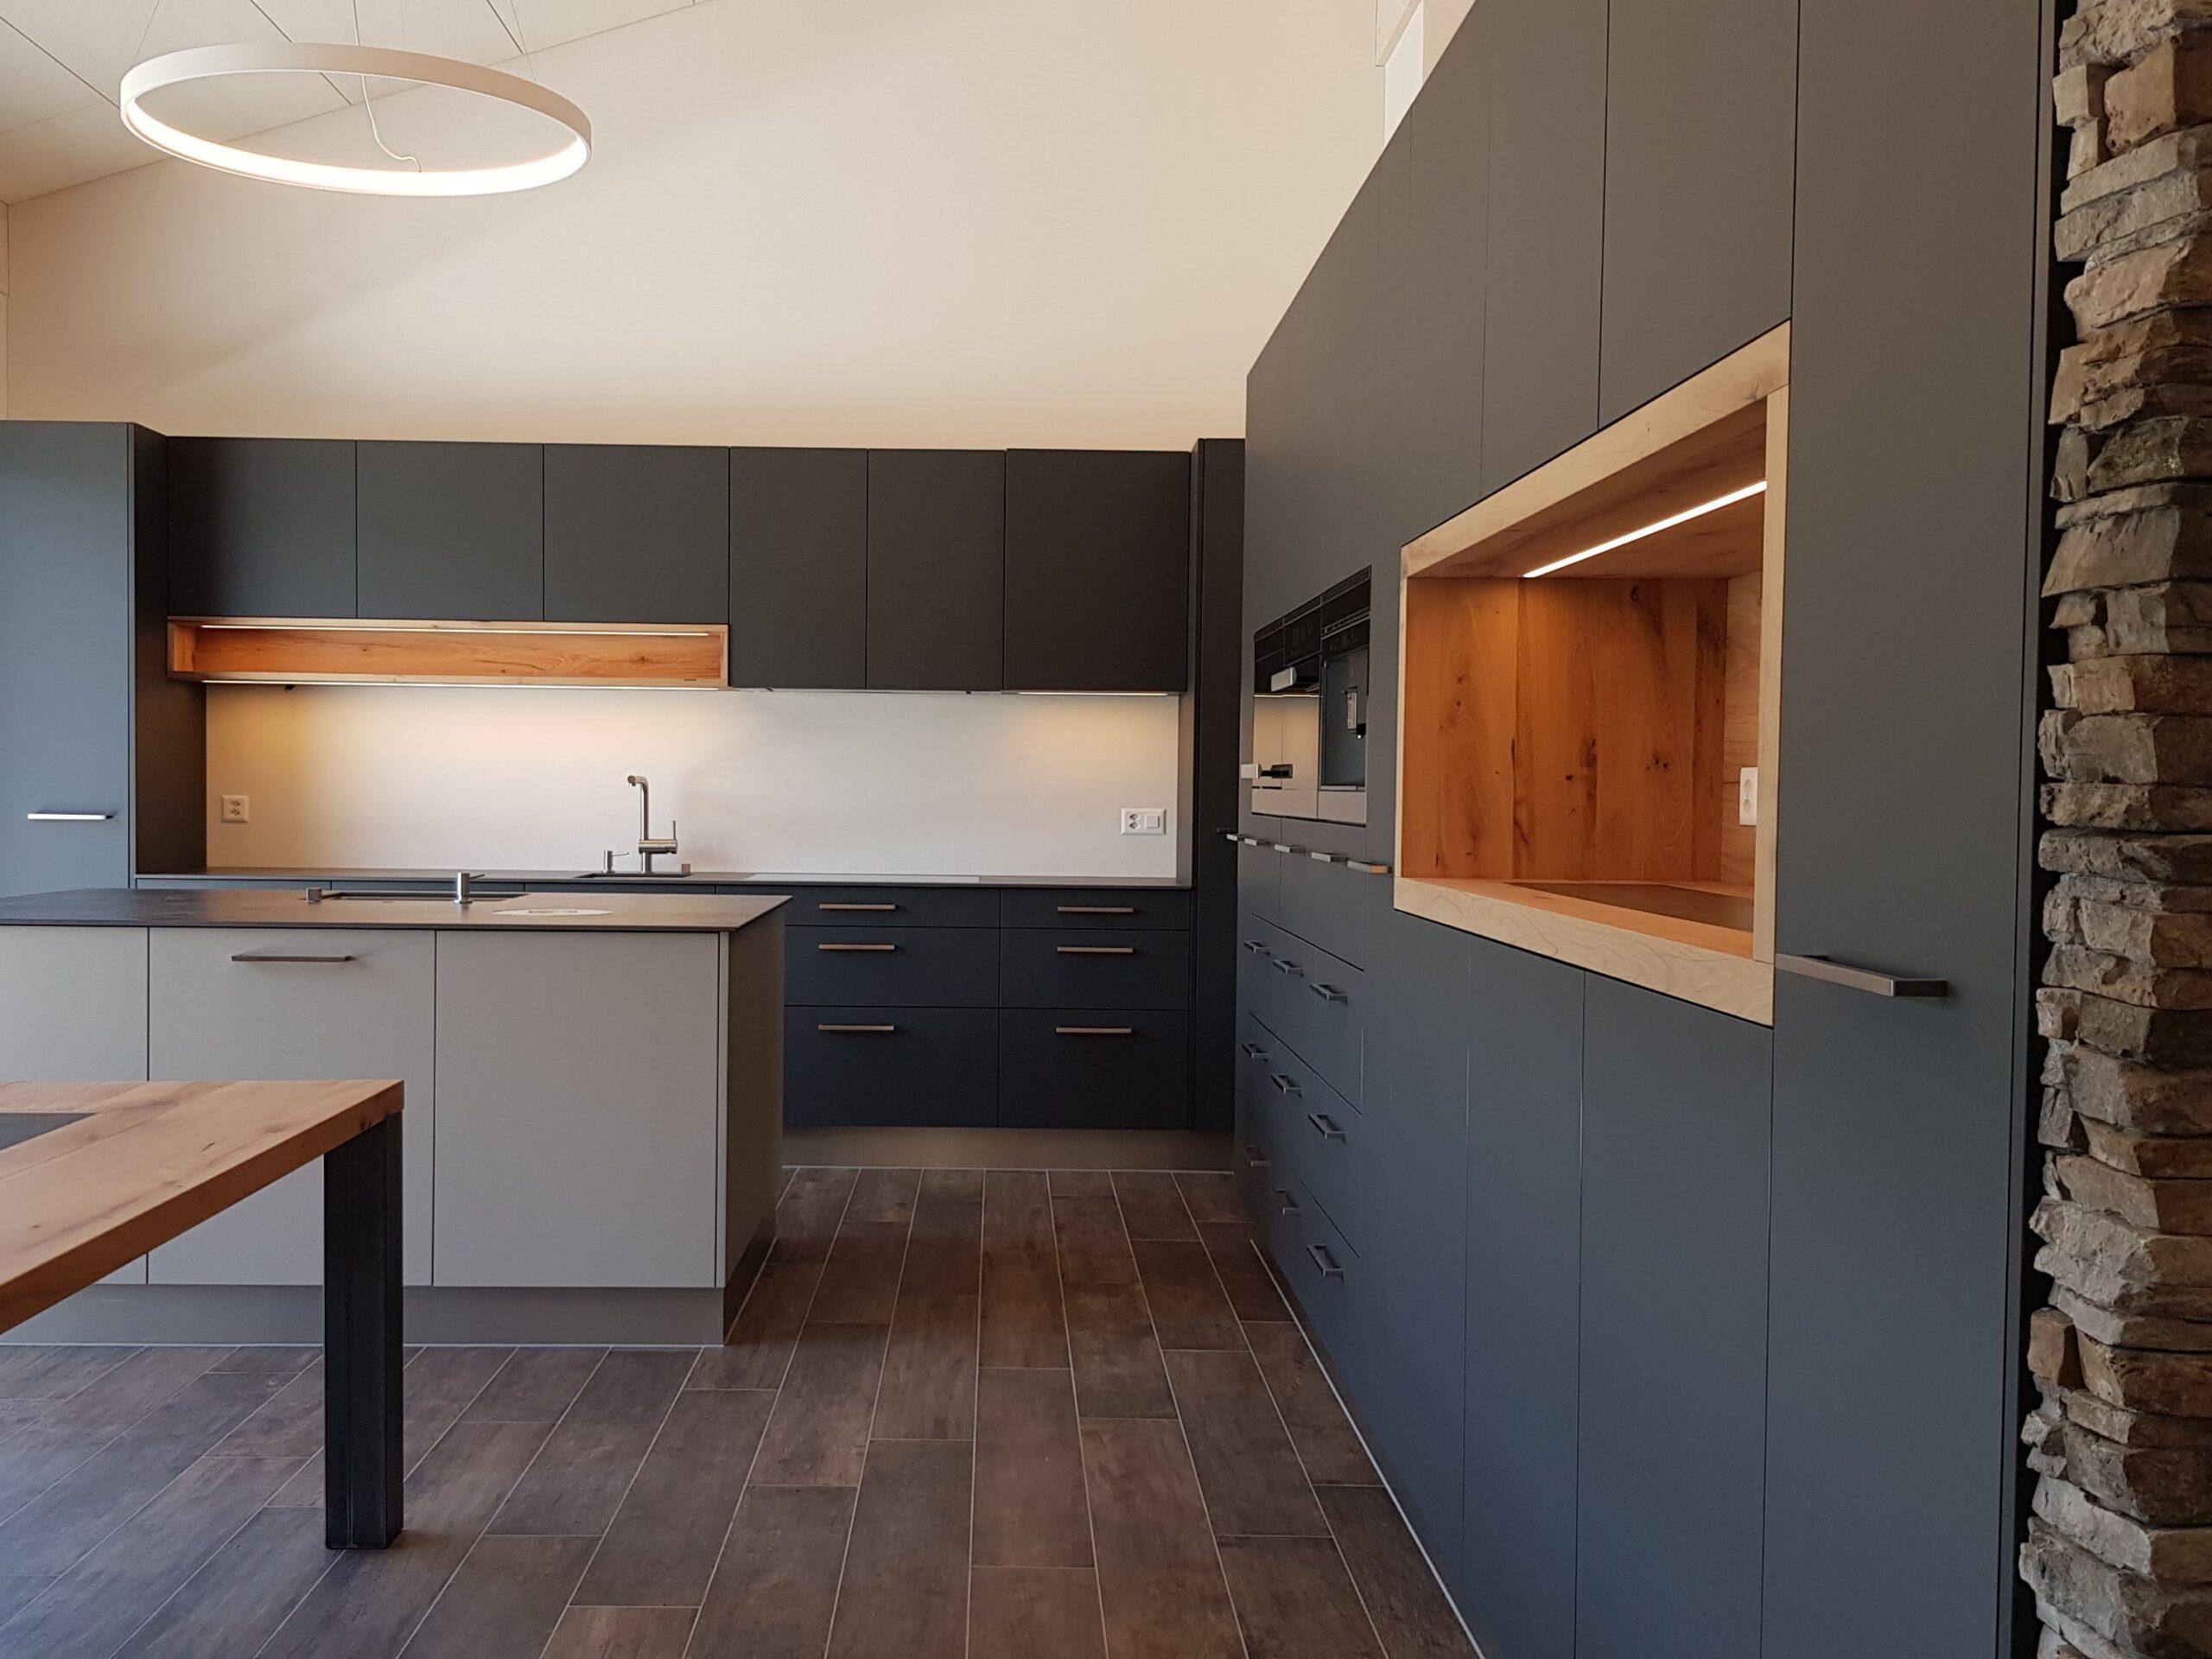 Wooddesign_Holzleuchten_LED-Beleuchtung_Licht_Indirekte Beleuchtung_Direkte Beleuchtung_Holzdesign (12)-min